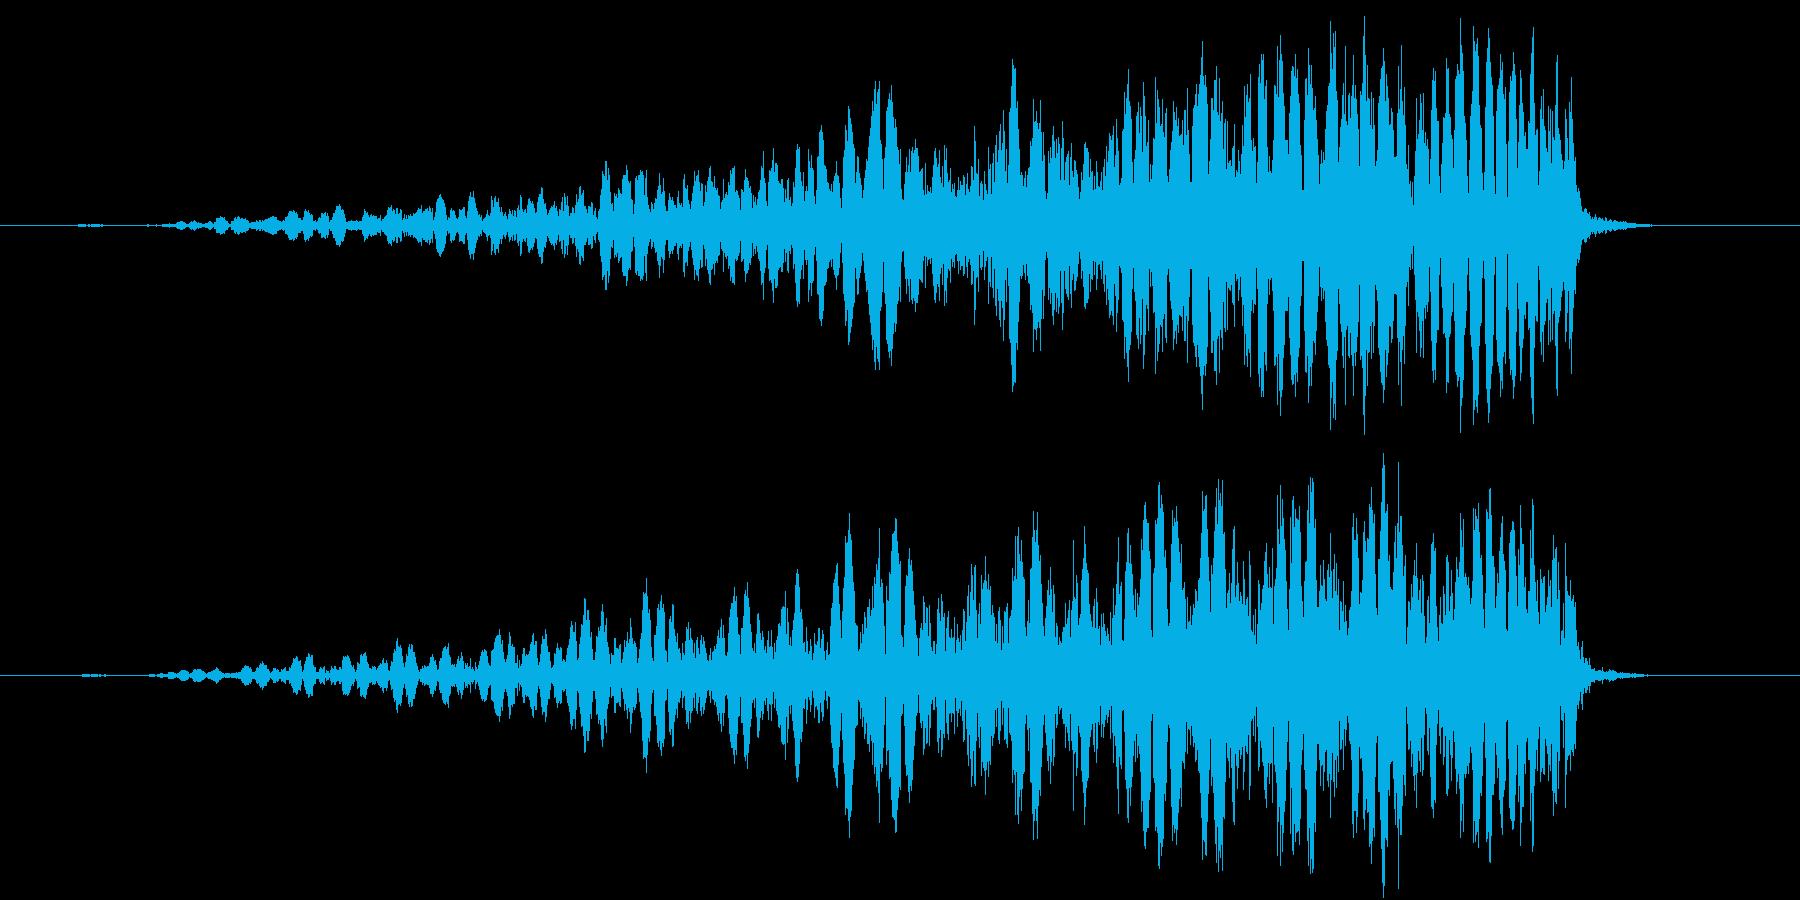 スワイプ、キャンセル、場面転換に最適01の再生済みの波形